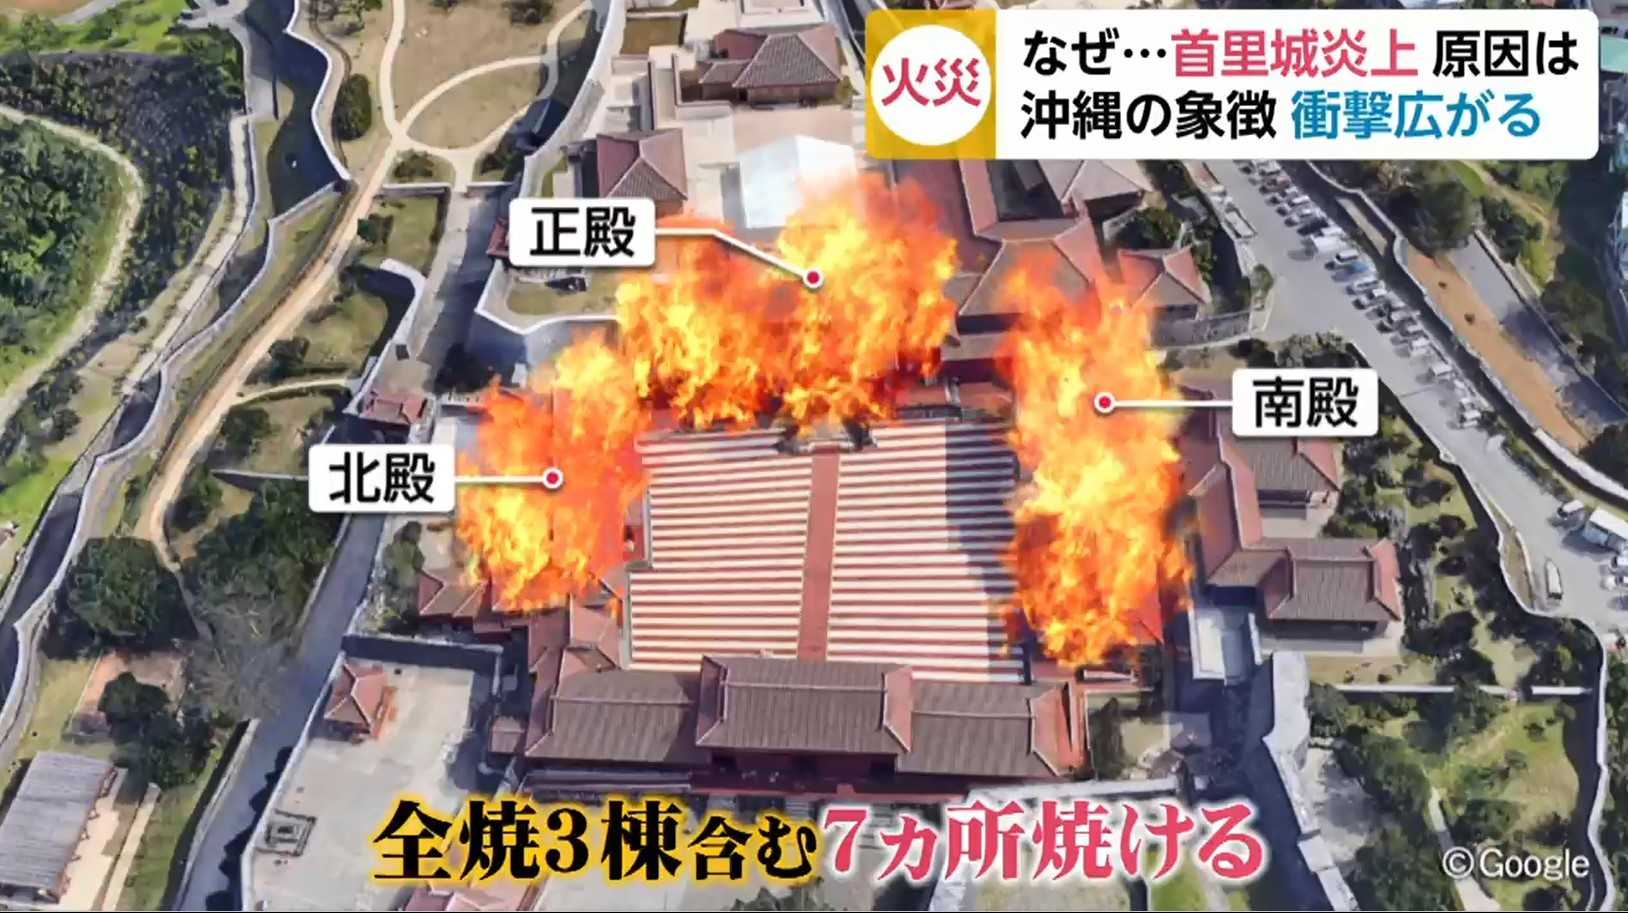 しゅり じょう 沖縄 火災 原因 放火